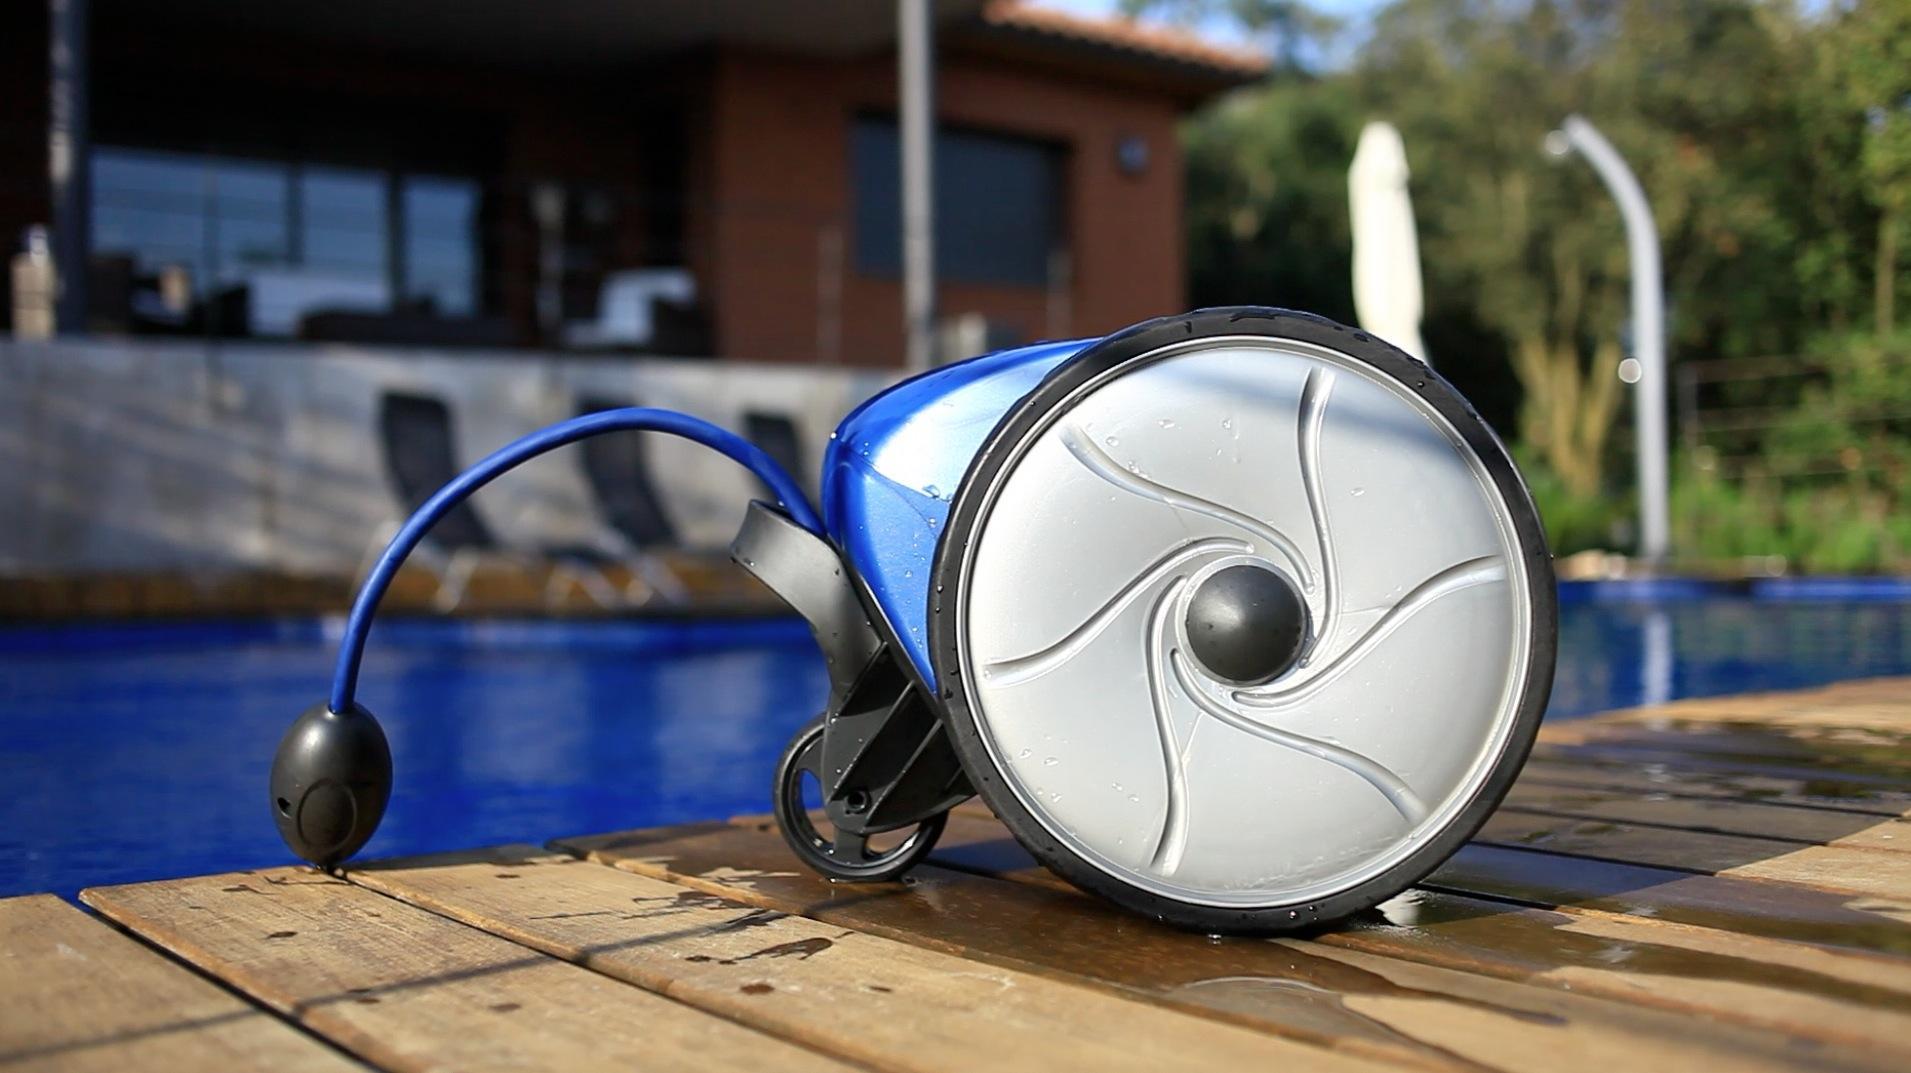 Elegir limpiafondos autom tico para piscina Limpiafondos para piscinas